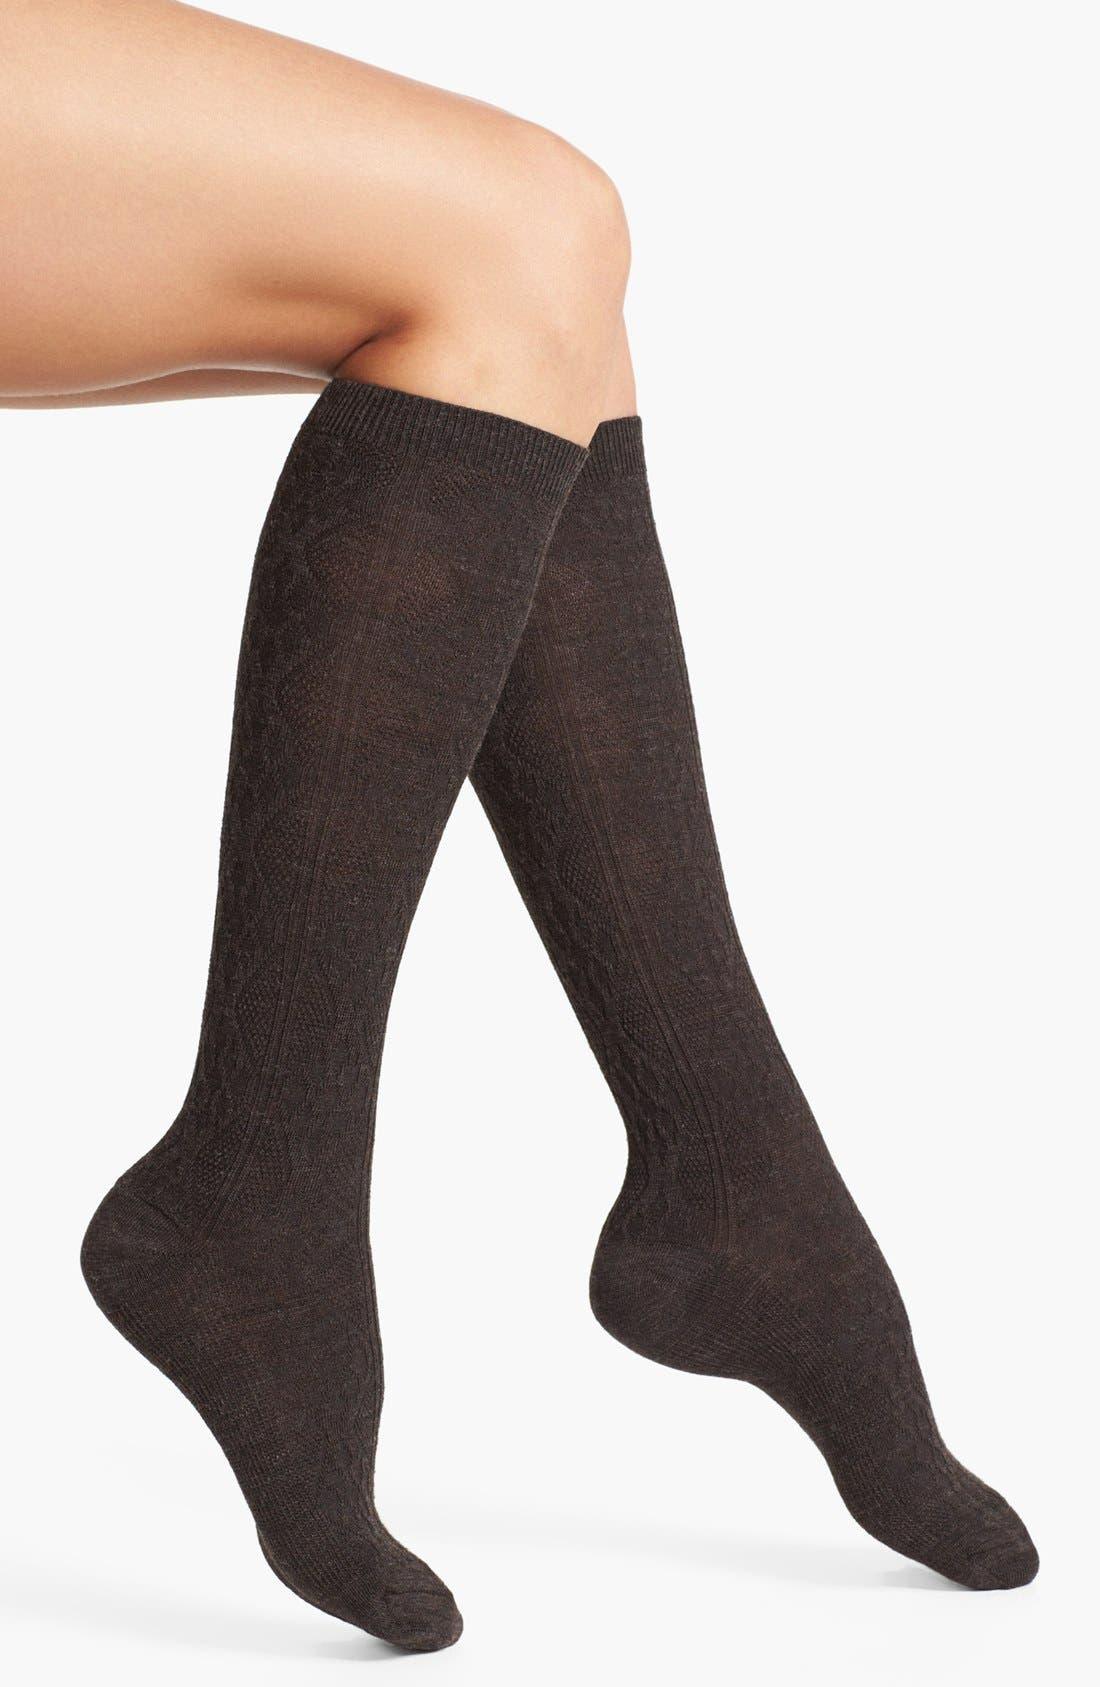 Alternate Image 1 Selected - Smartwool 'Trellis' Wool Blend Knee Highs